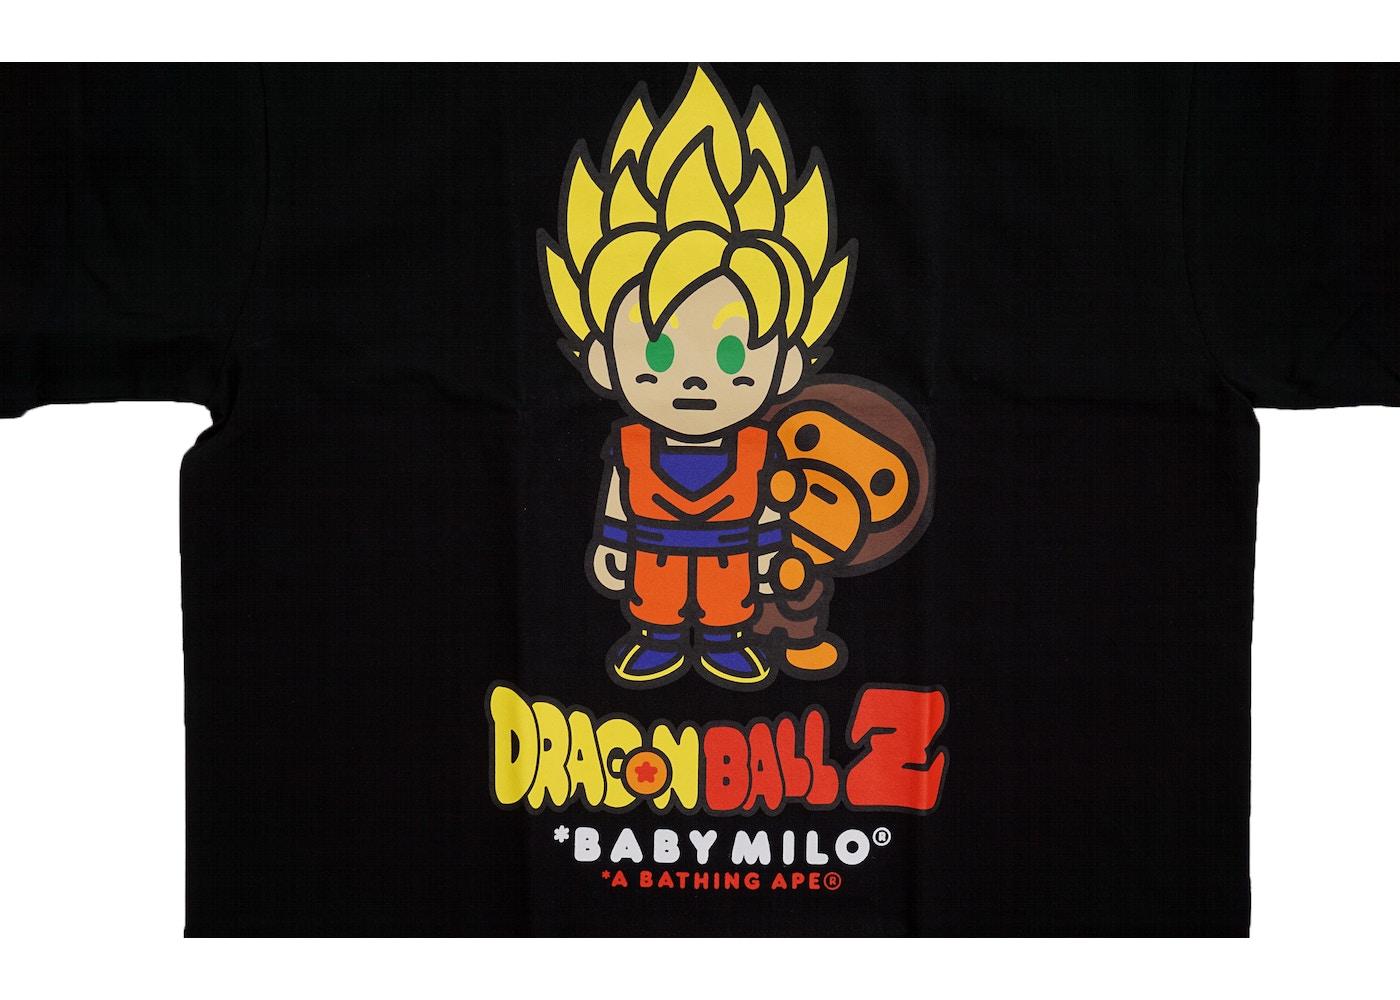 BAPE Dragon Ball Z Super Saiyan Goku Baby Milo Tee Black